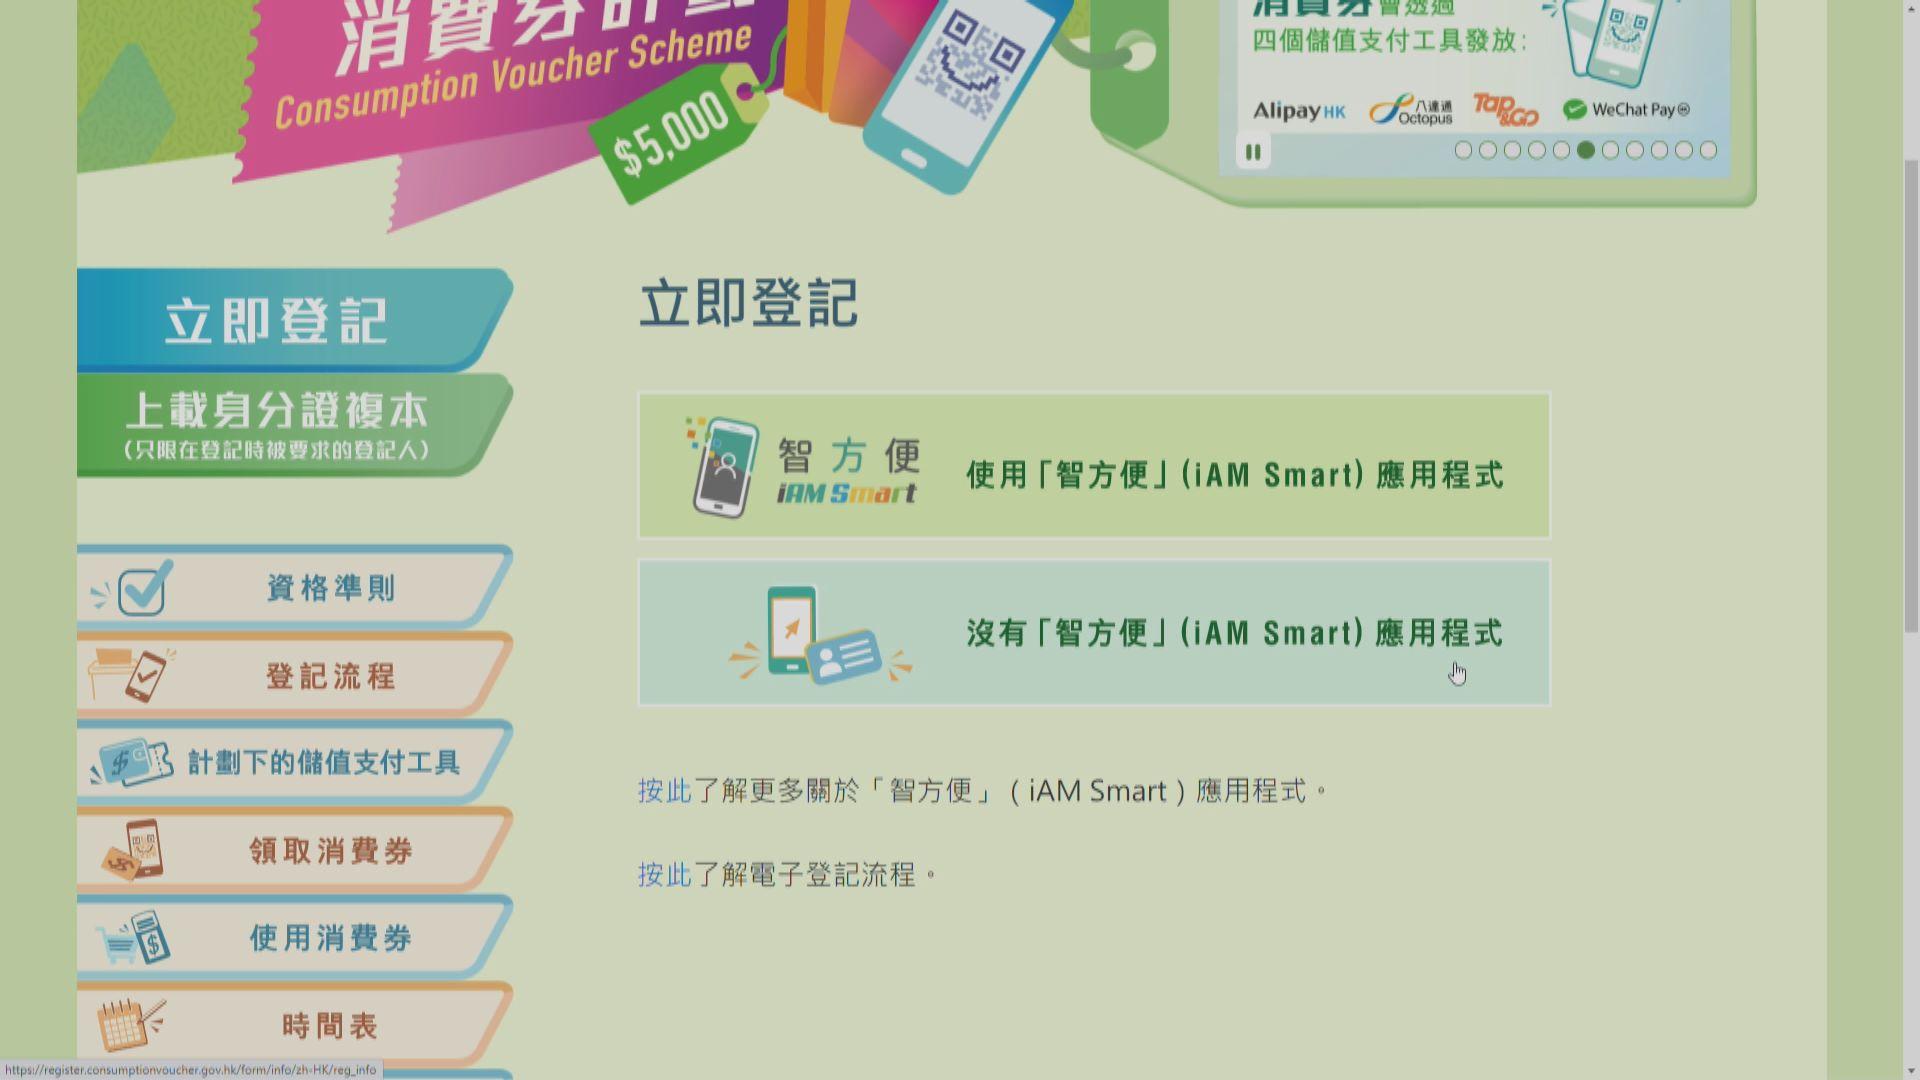 周二起若需用「智方便」登記消費券需使用手機程式